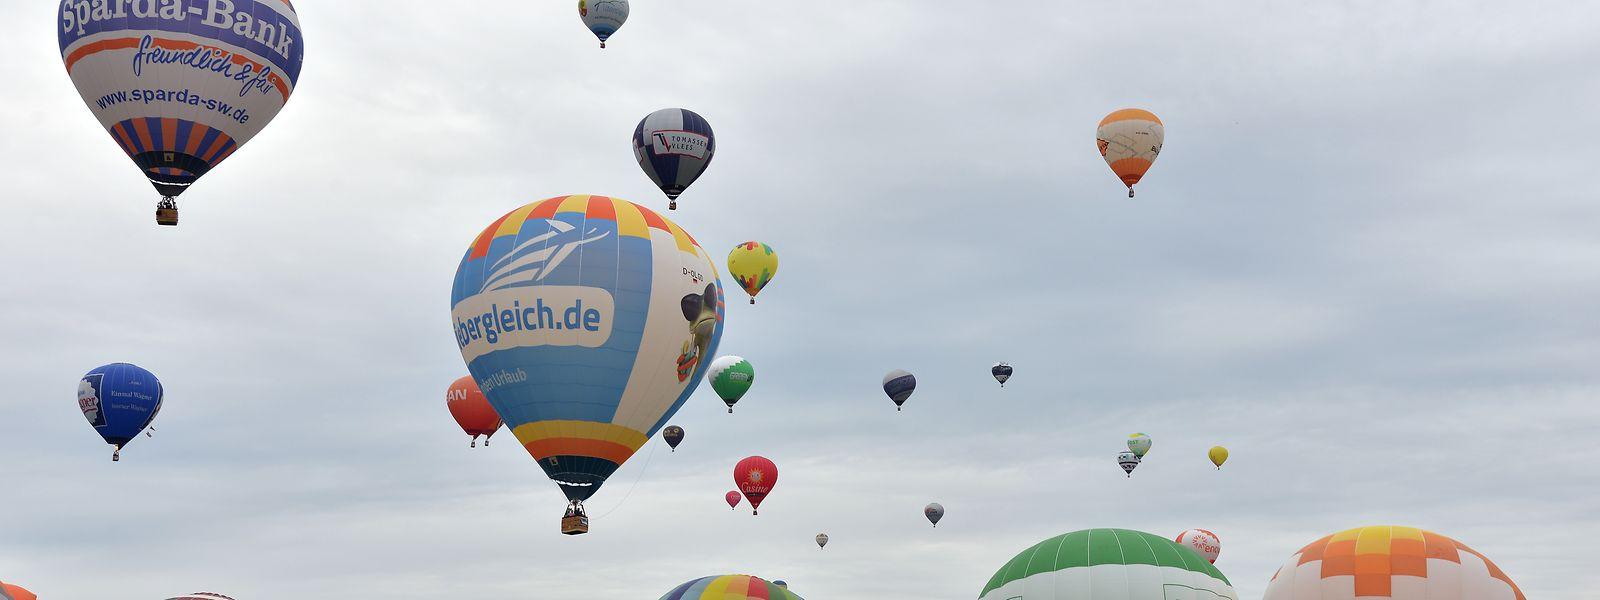 """Rund 80 Heißluftballone starten bei dem größten Heißluftballon-Treffen in Rheinland-Pfalz, der """"Mosel Ballon Fiesta"""" in Föhren."""